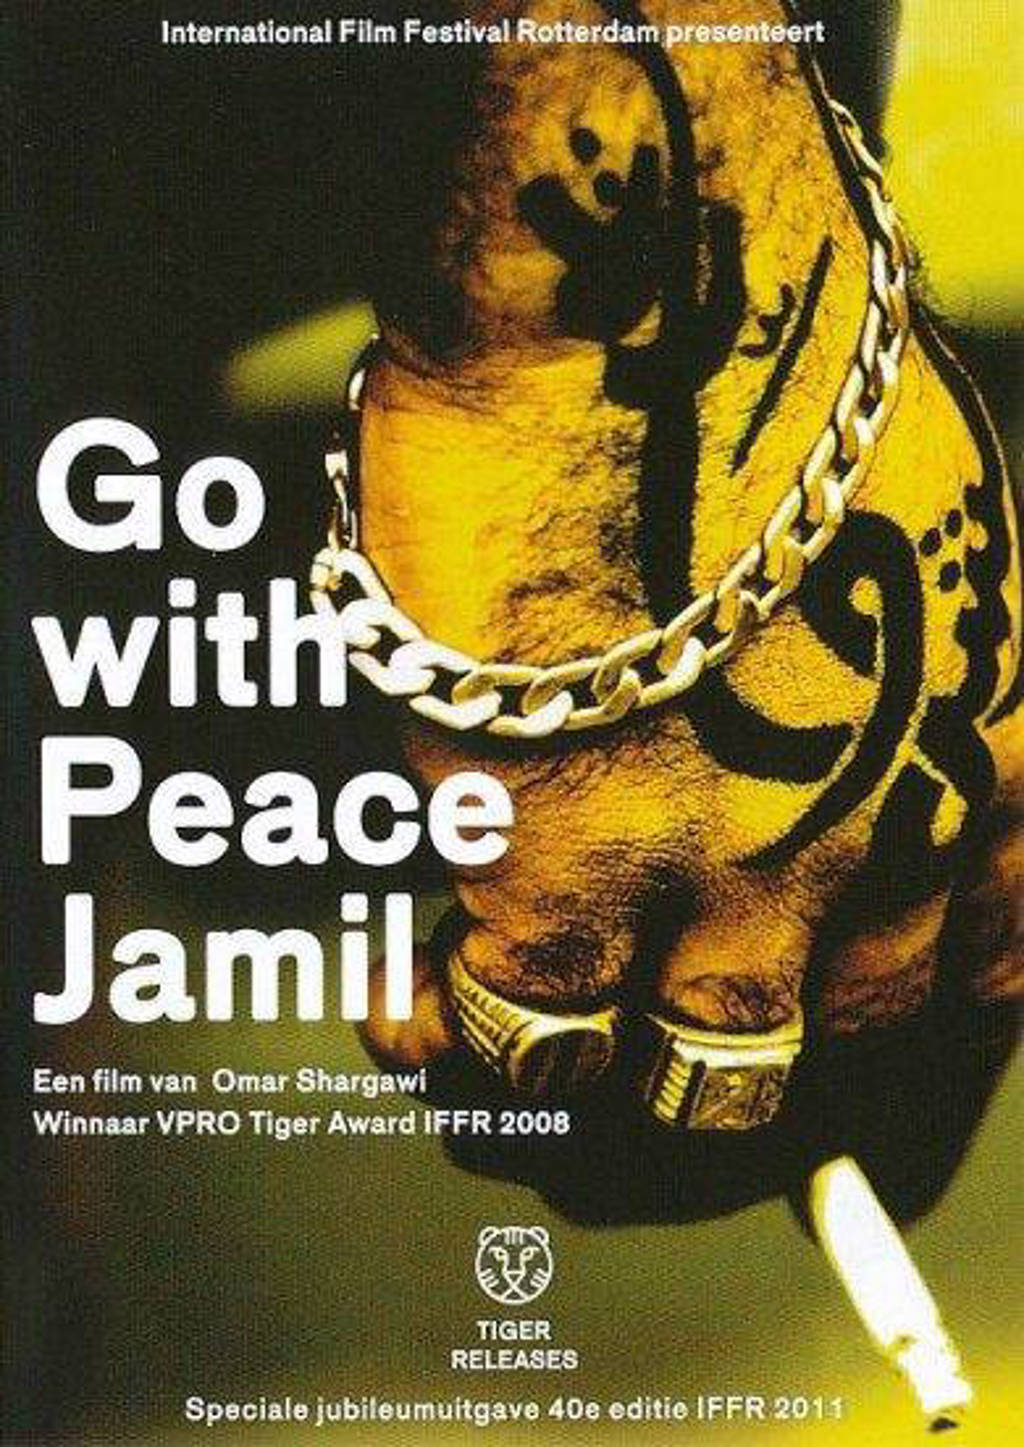 Go with peace Jamil (DVD)